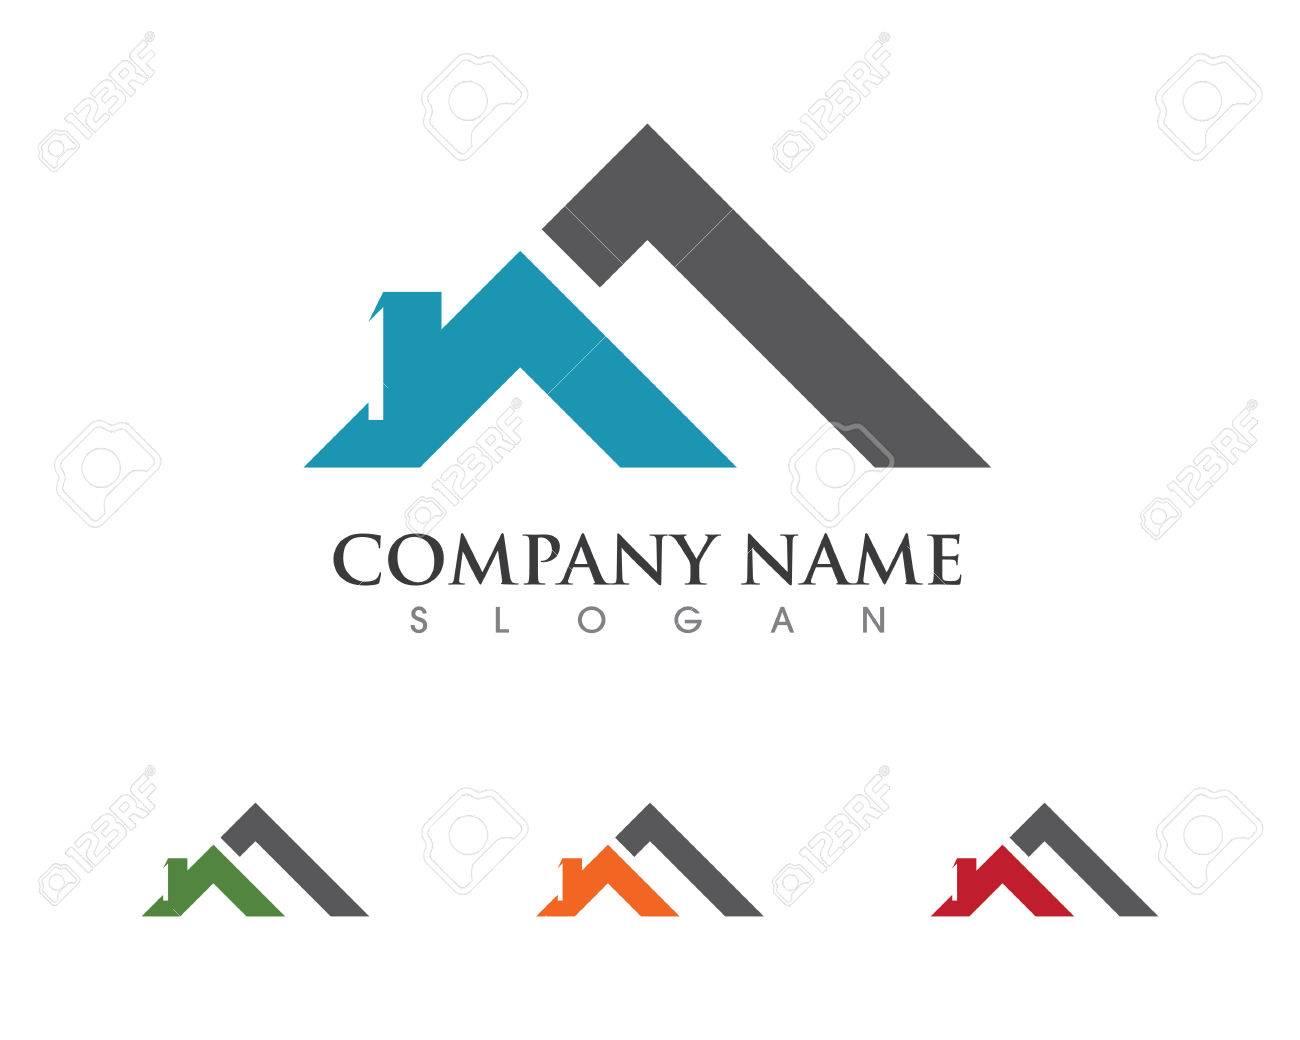 Archivio Fotografico - Real Estate, proprietà e costruzione Logo design per il segno aziendale aziendale.